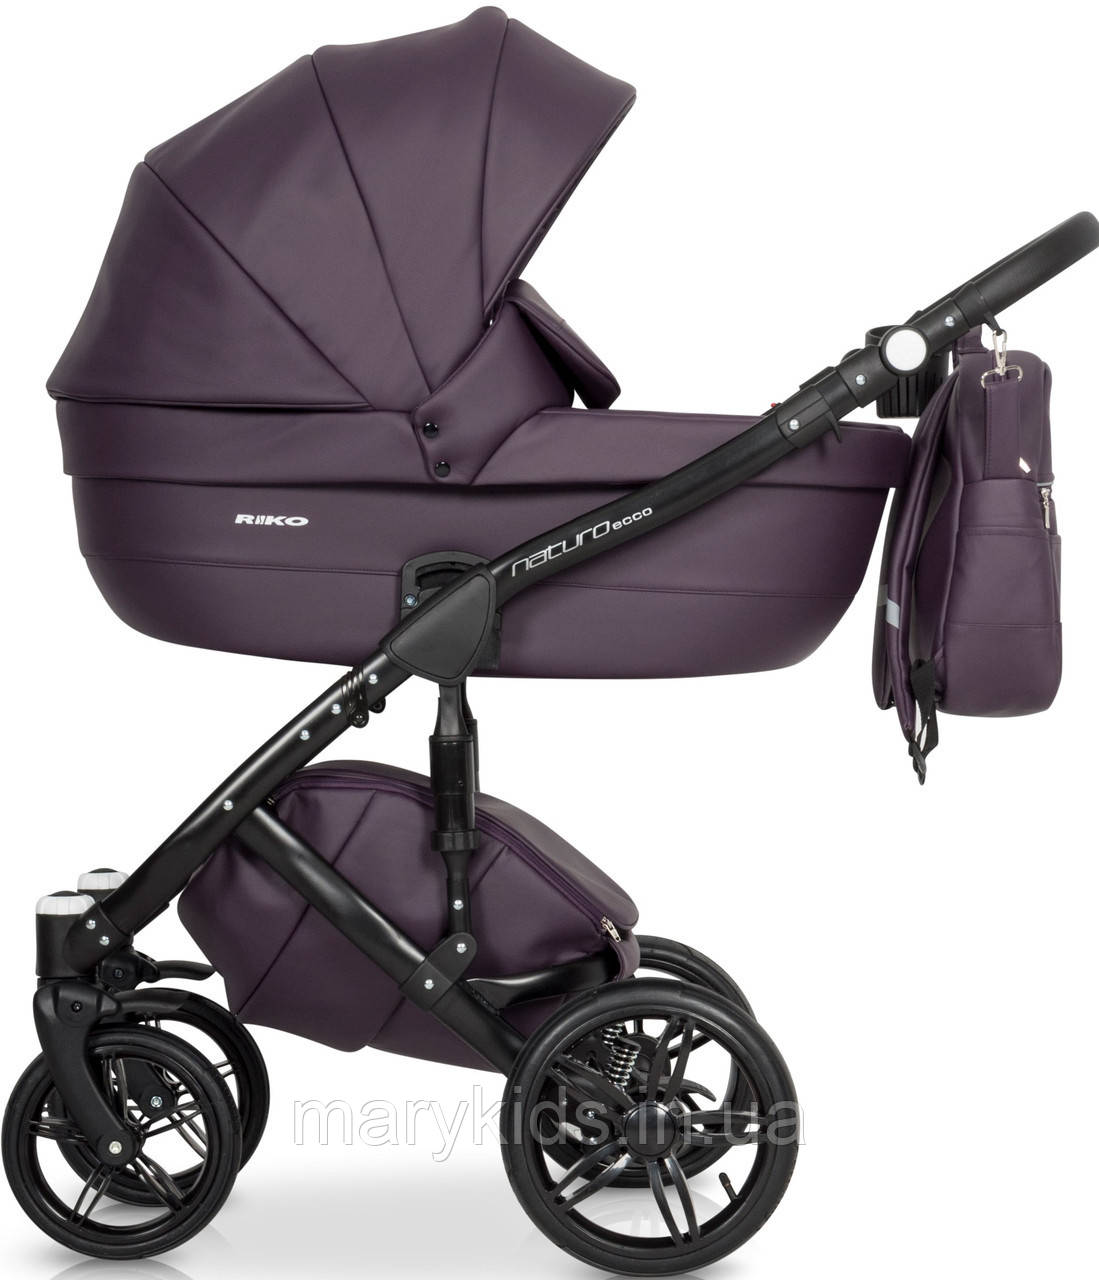 Детская универсальная коляска 3 в 1 Riko Naturo Ecco 01 Plum